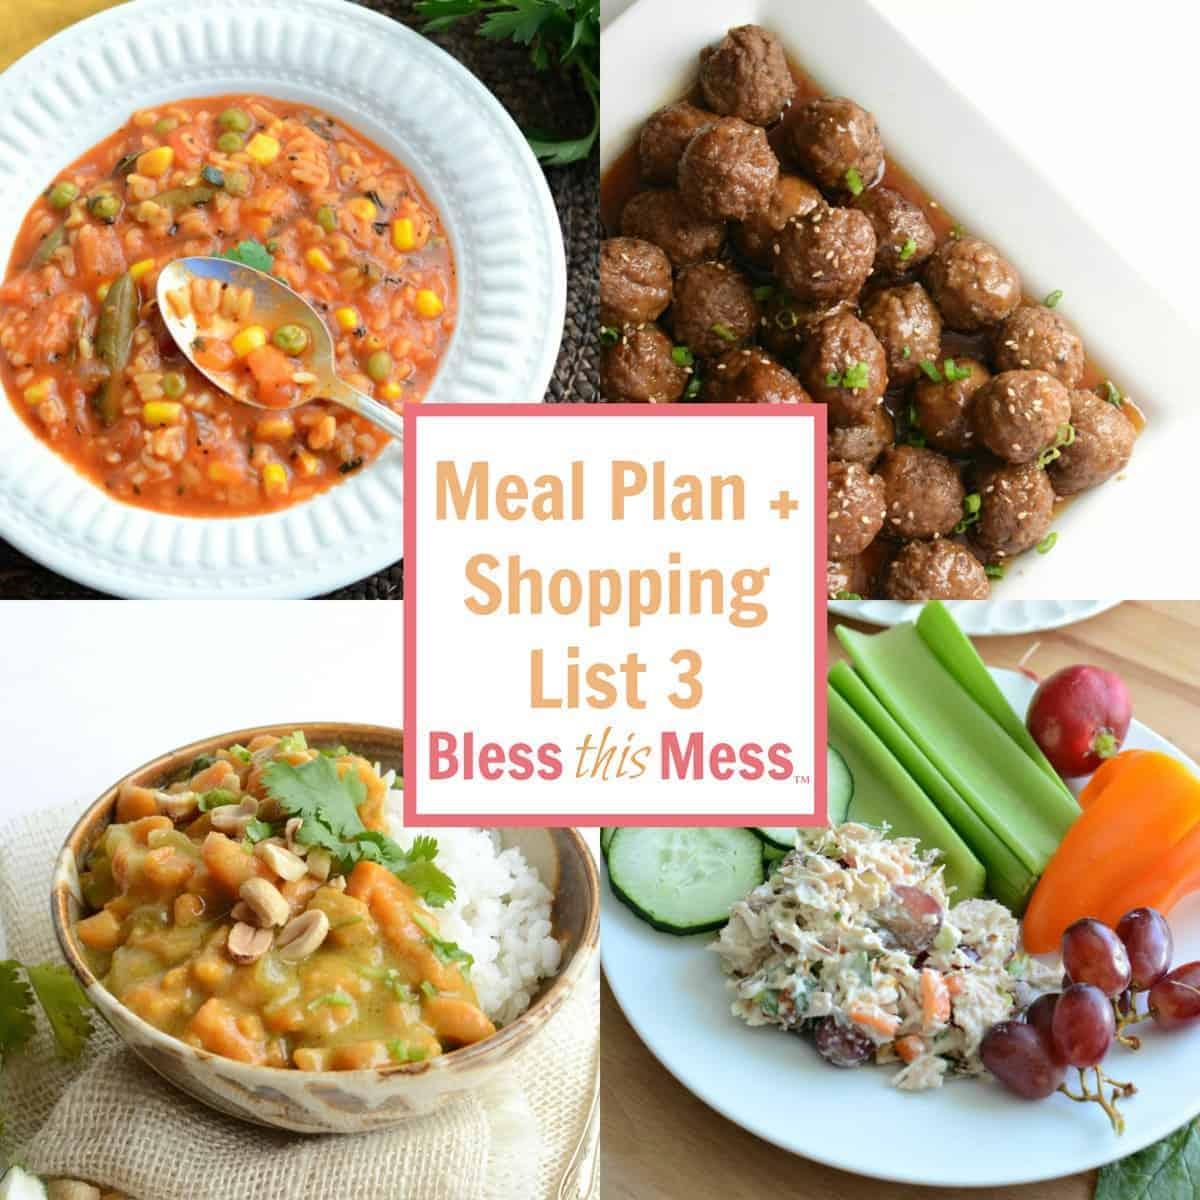 Free Meal Plan - Family Meal Plan